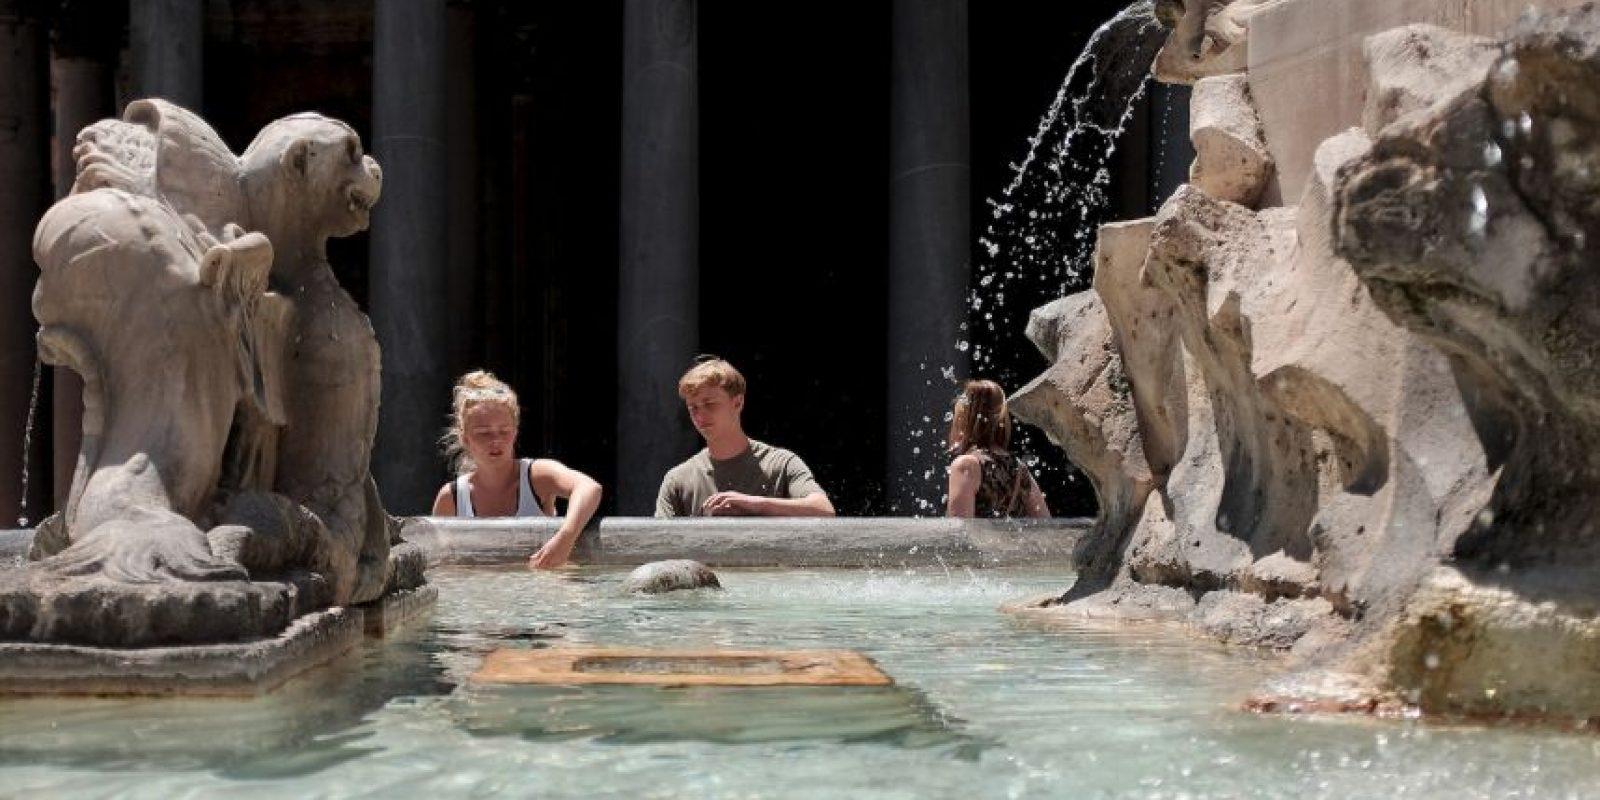 Las fuentes de Italia sirven para refrescar un poco el cuerpo Foto:AFP